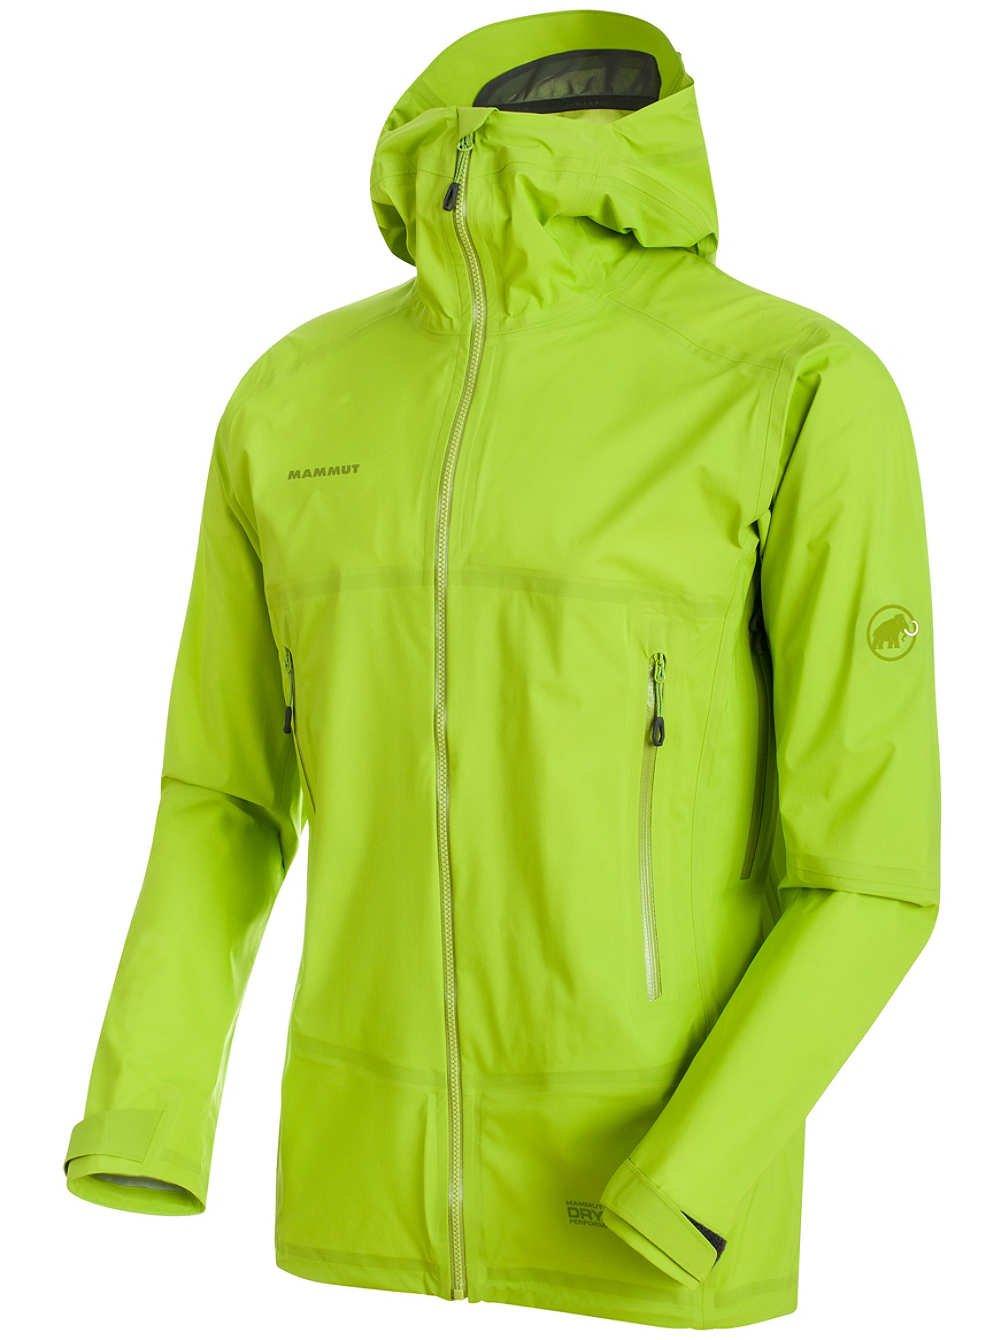 ◎マムート(MAMMUT) Masao Light HS Hooded Jacket メンズ 1010-25980-0121 ジャケット B0788S4YGJ Medium|sprout sprout Medium